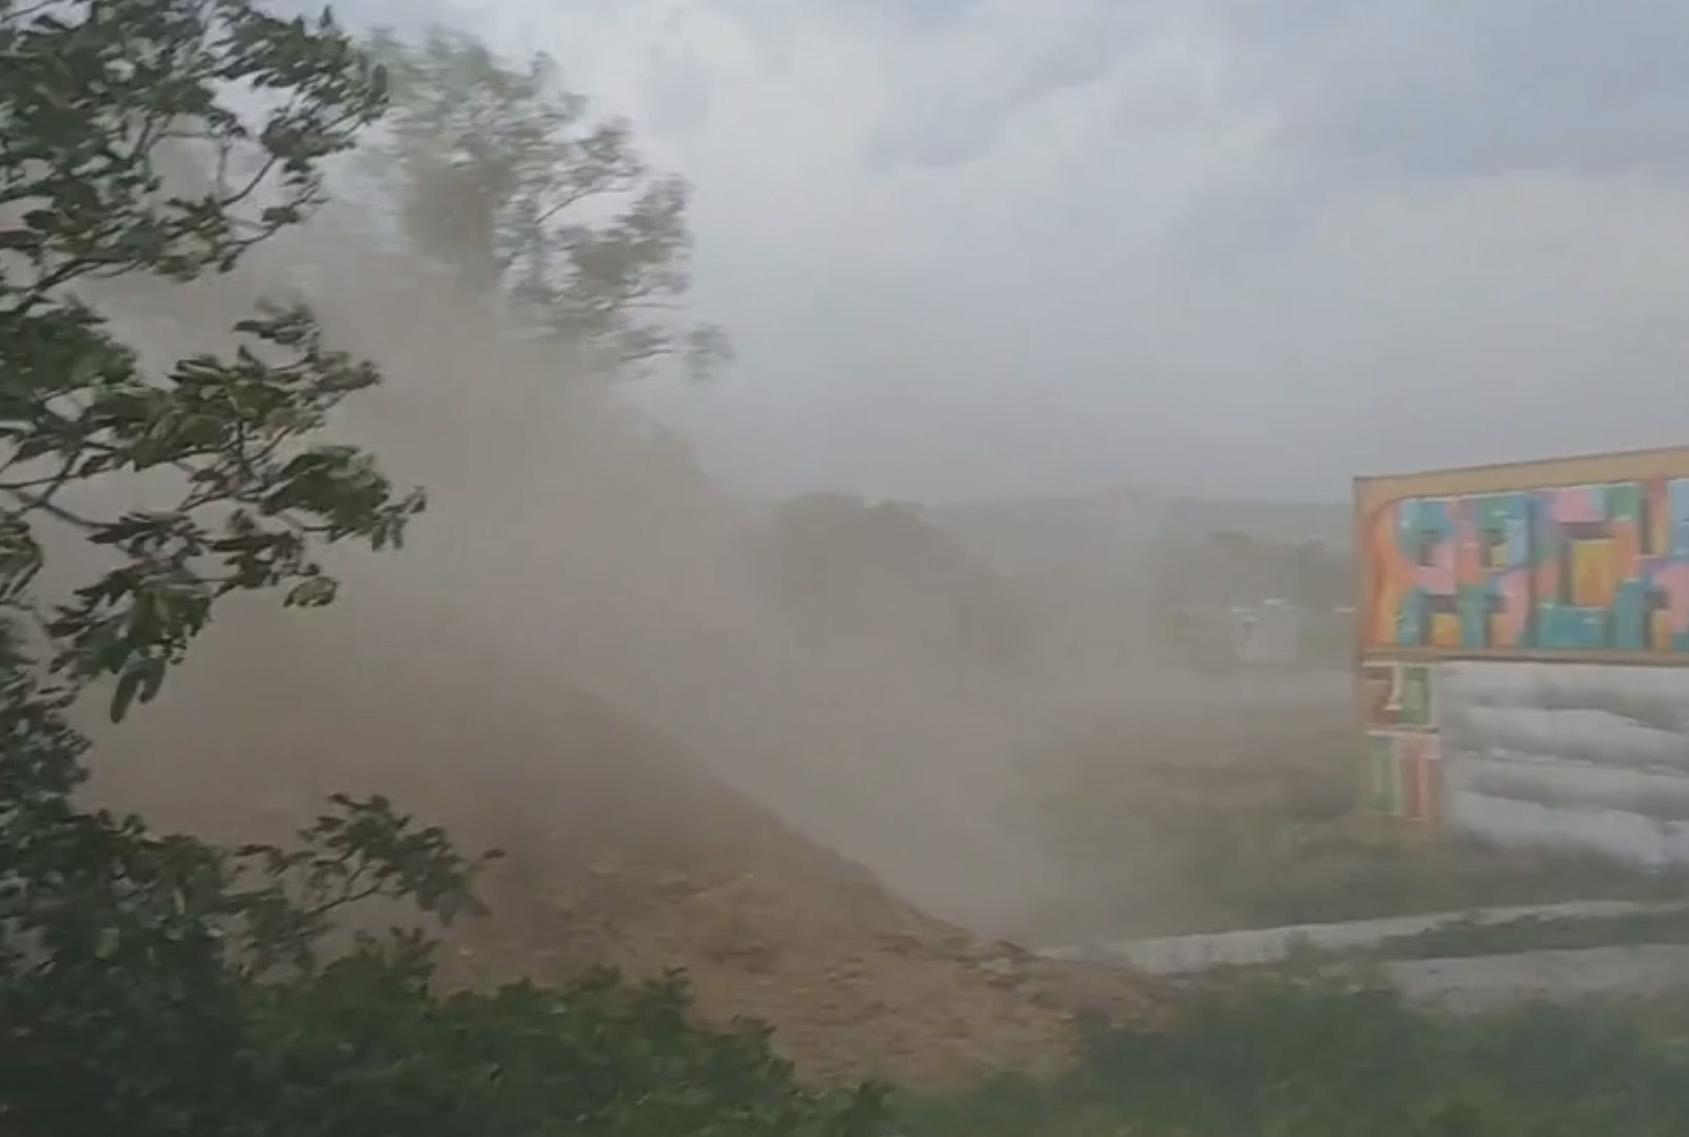 Vliv rychlosti větru během bouřky 1. července na kvalitu ovzduší7 min čtení